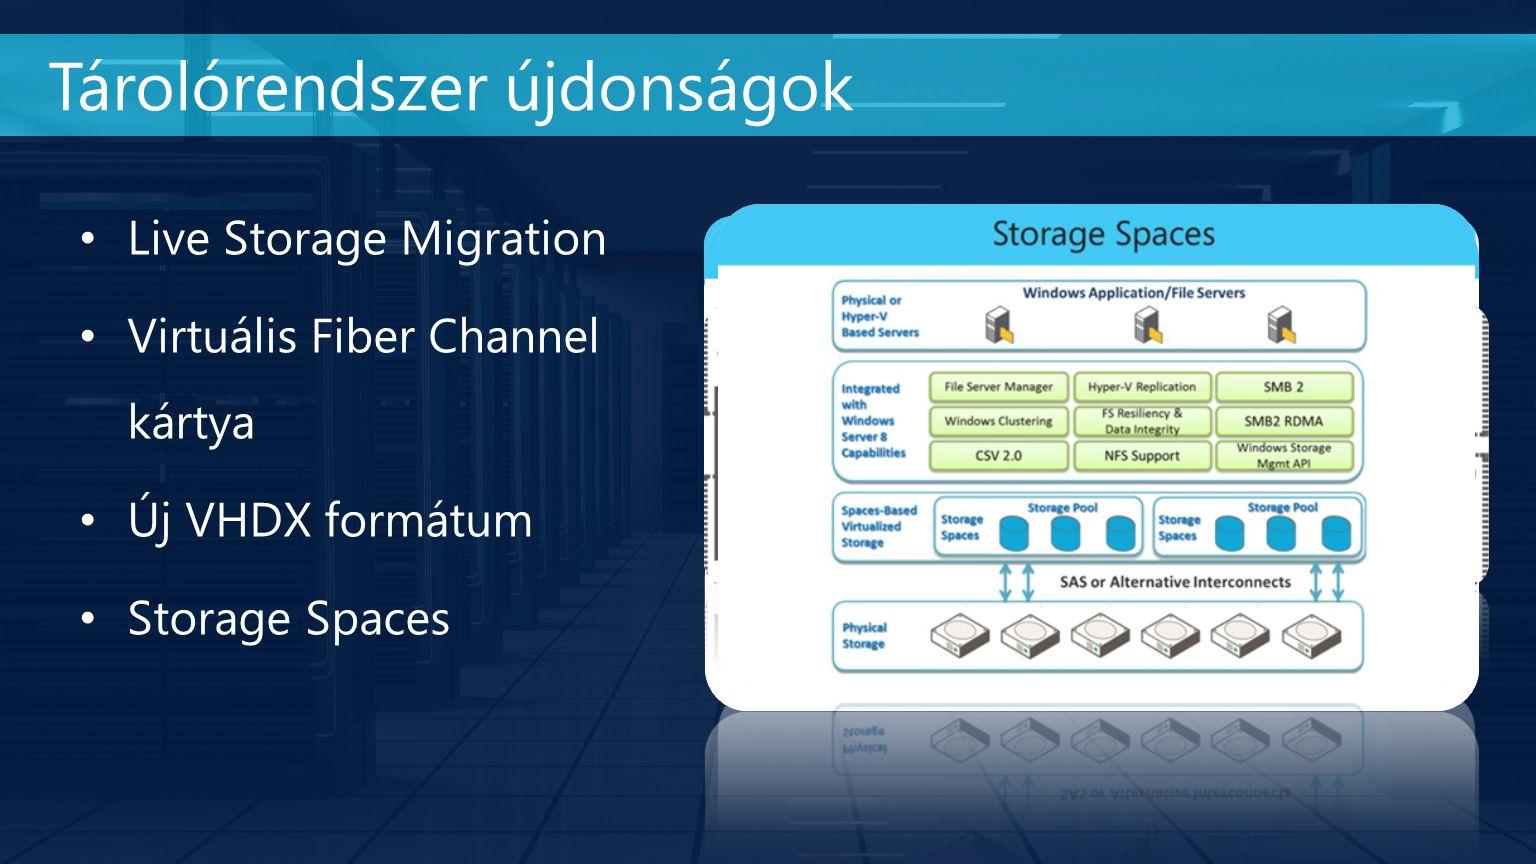 Tárolórendszer újdonságok Live Storage Migration Virtuális Fiber Channel kártya Új VHDX formátum Storage Spaces